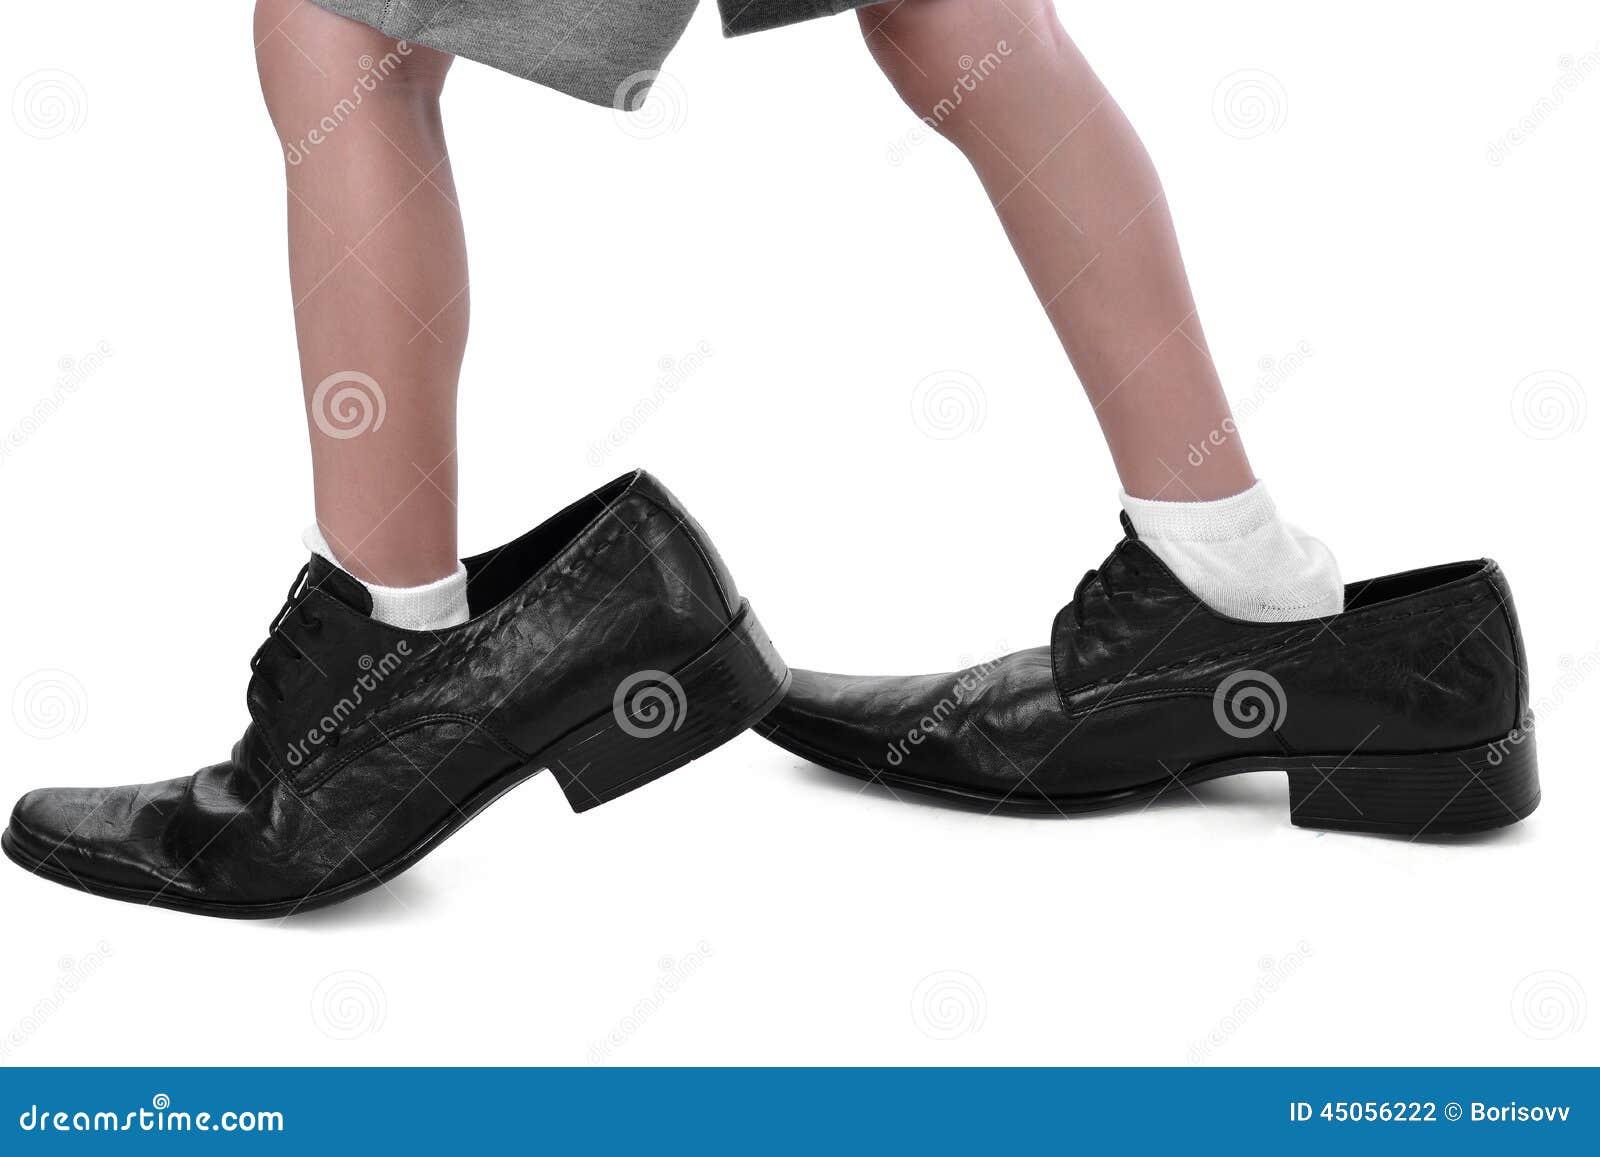 amazon coupe classique comment acheter Petits Pieds Dans Grandes Chaussures Photo stock - Image du ...